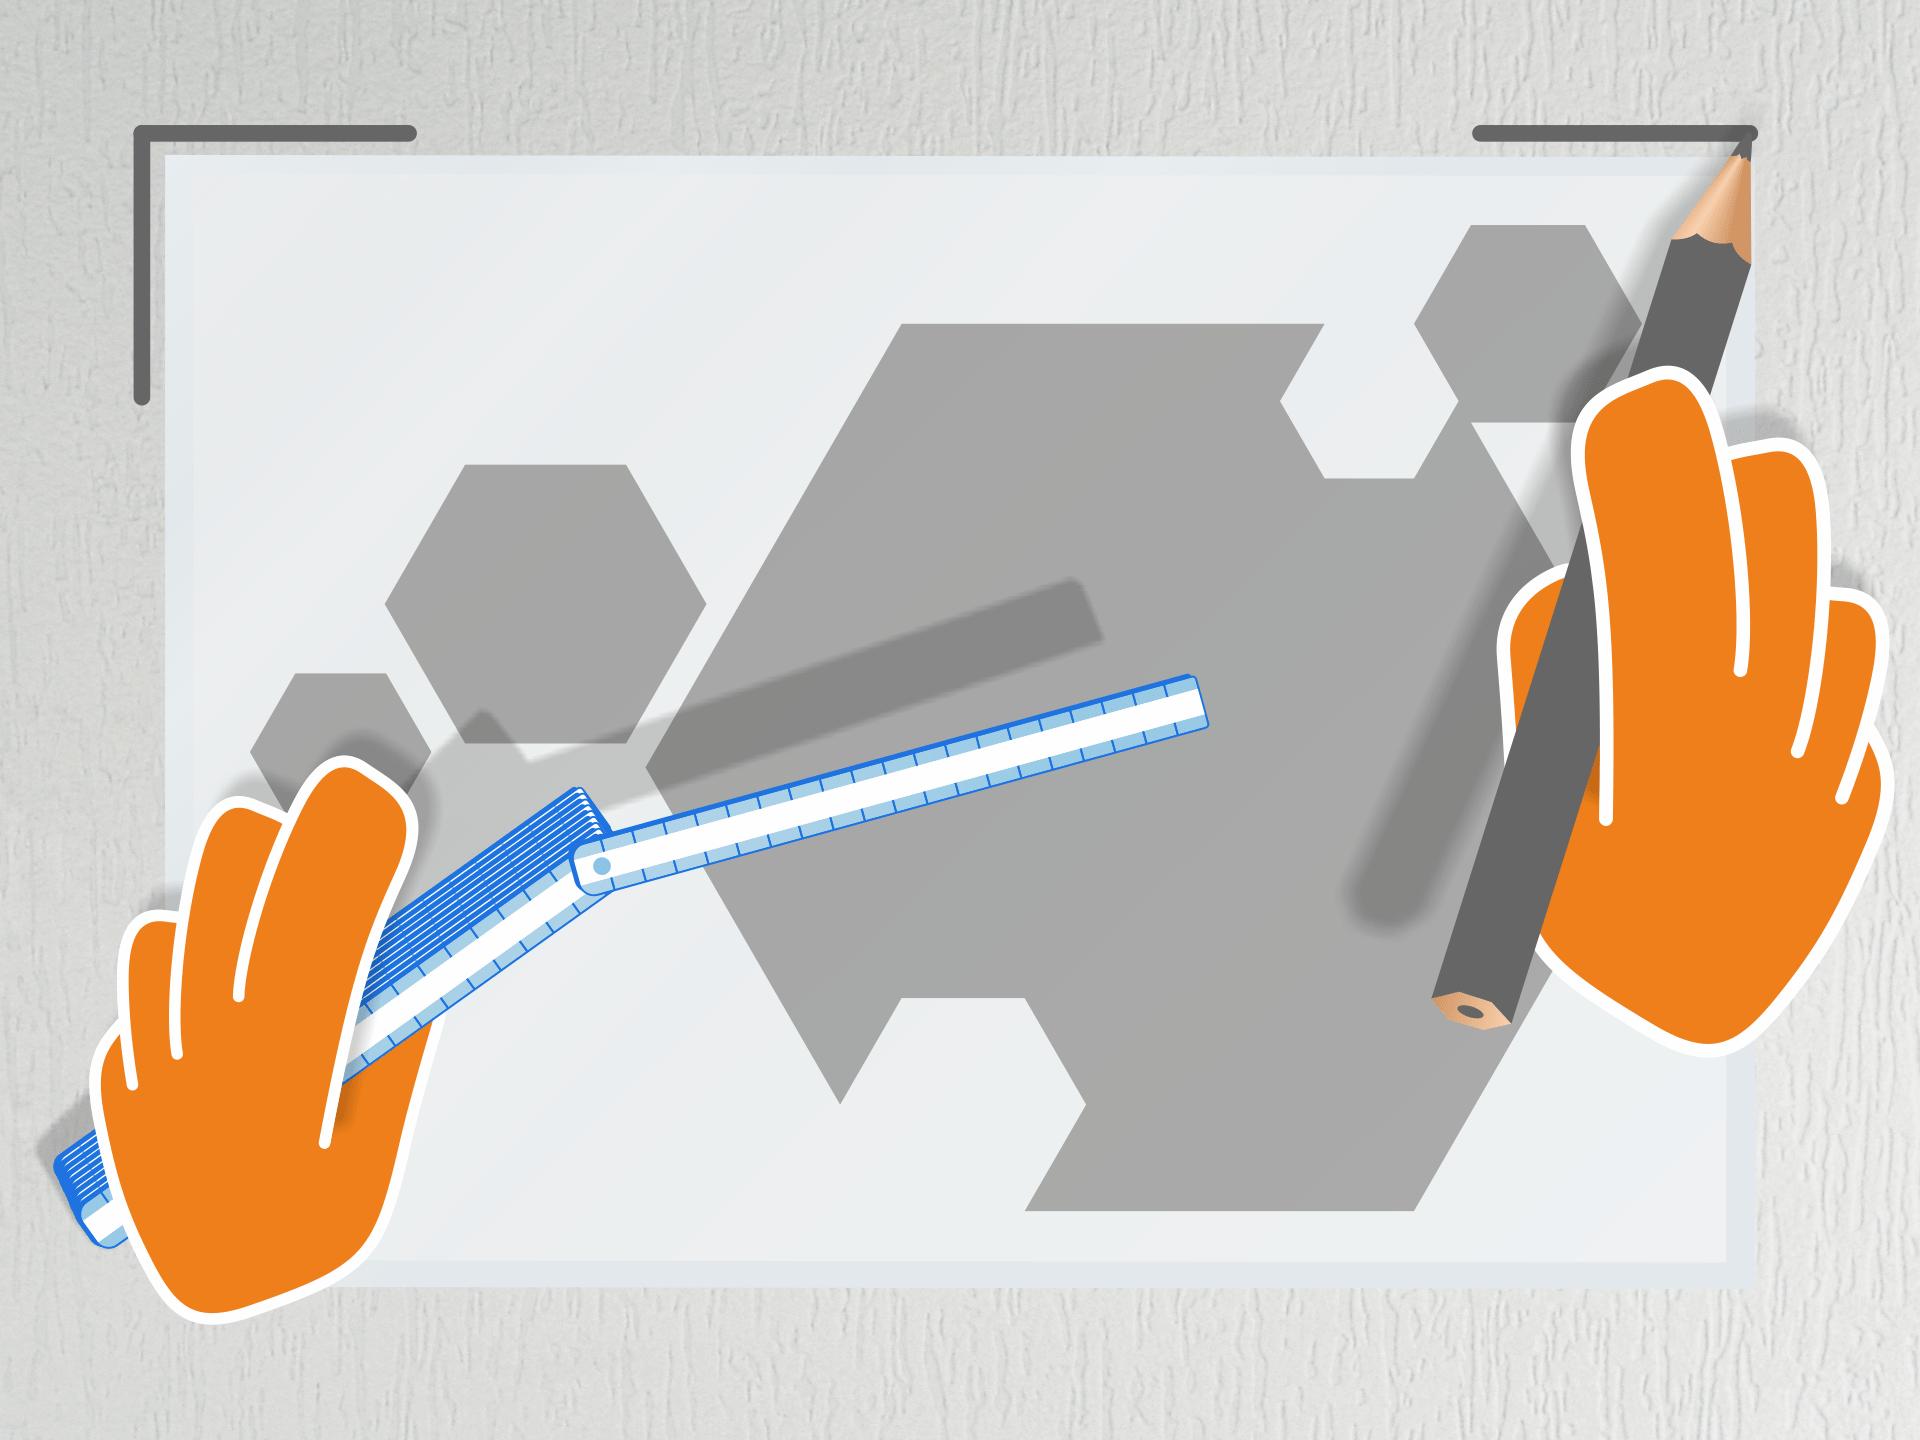 Beim Ausrichten am Motiv orientieren - nicht an der Übertragungsfolie. Anschließend mit dem Bleistift an den Ecken der Übertragungsfolie eine kleine Markierung auf der Wand machen.